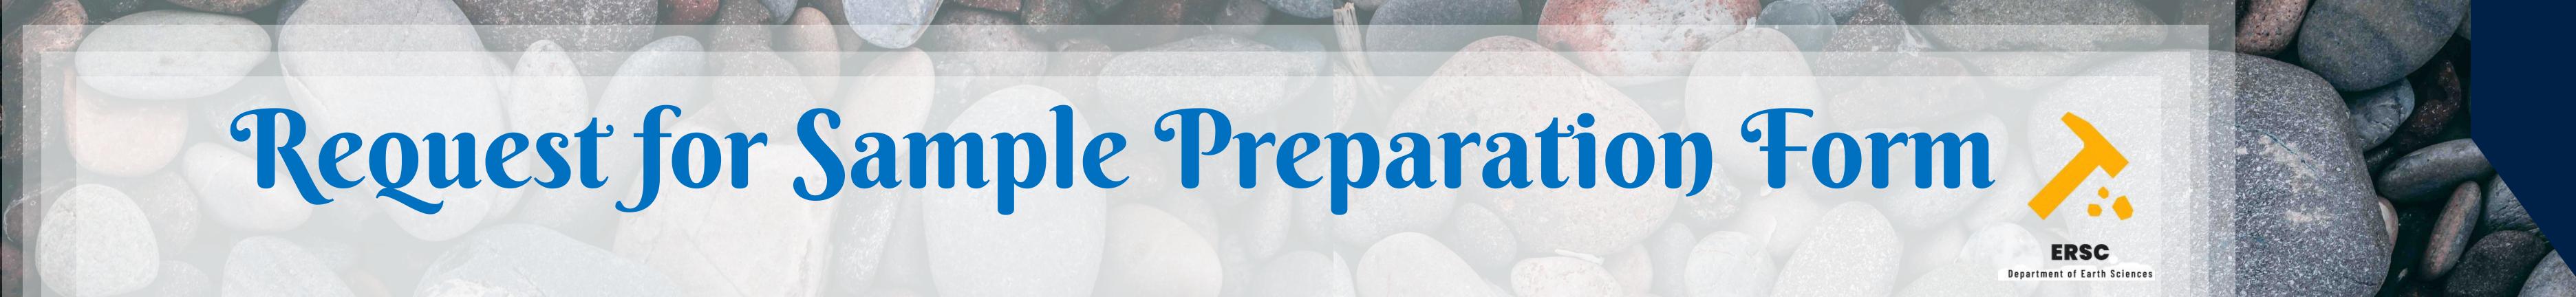 Sample Preparation Form